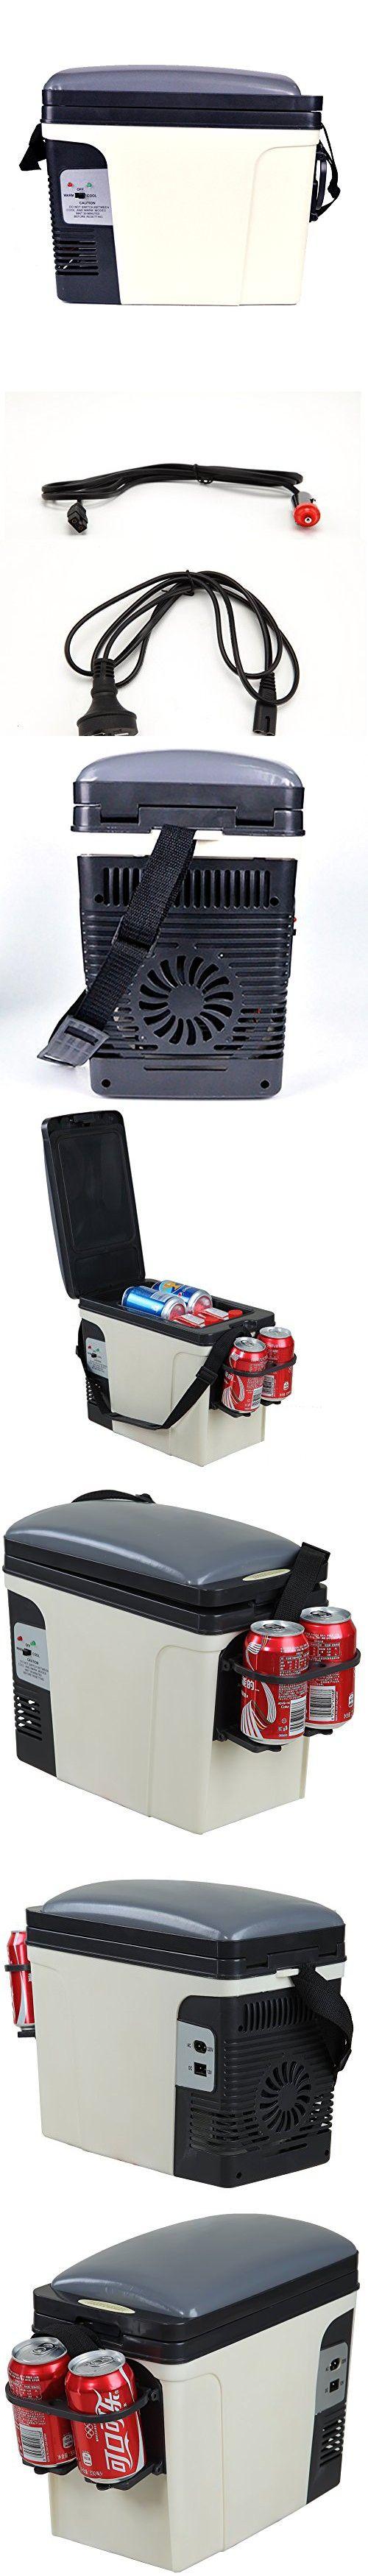 184 besten Compact Refrigerators Bilder auf Pinterest | Kühlschränke ...